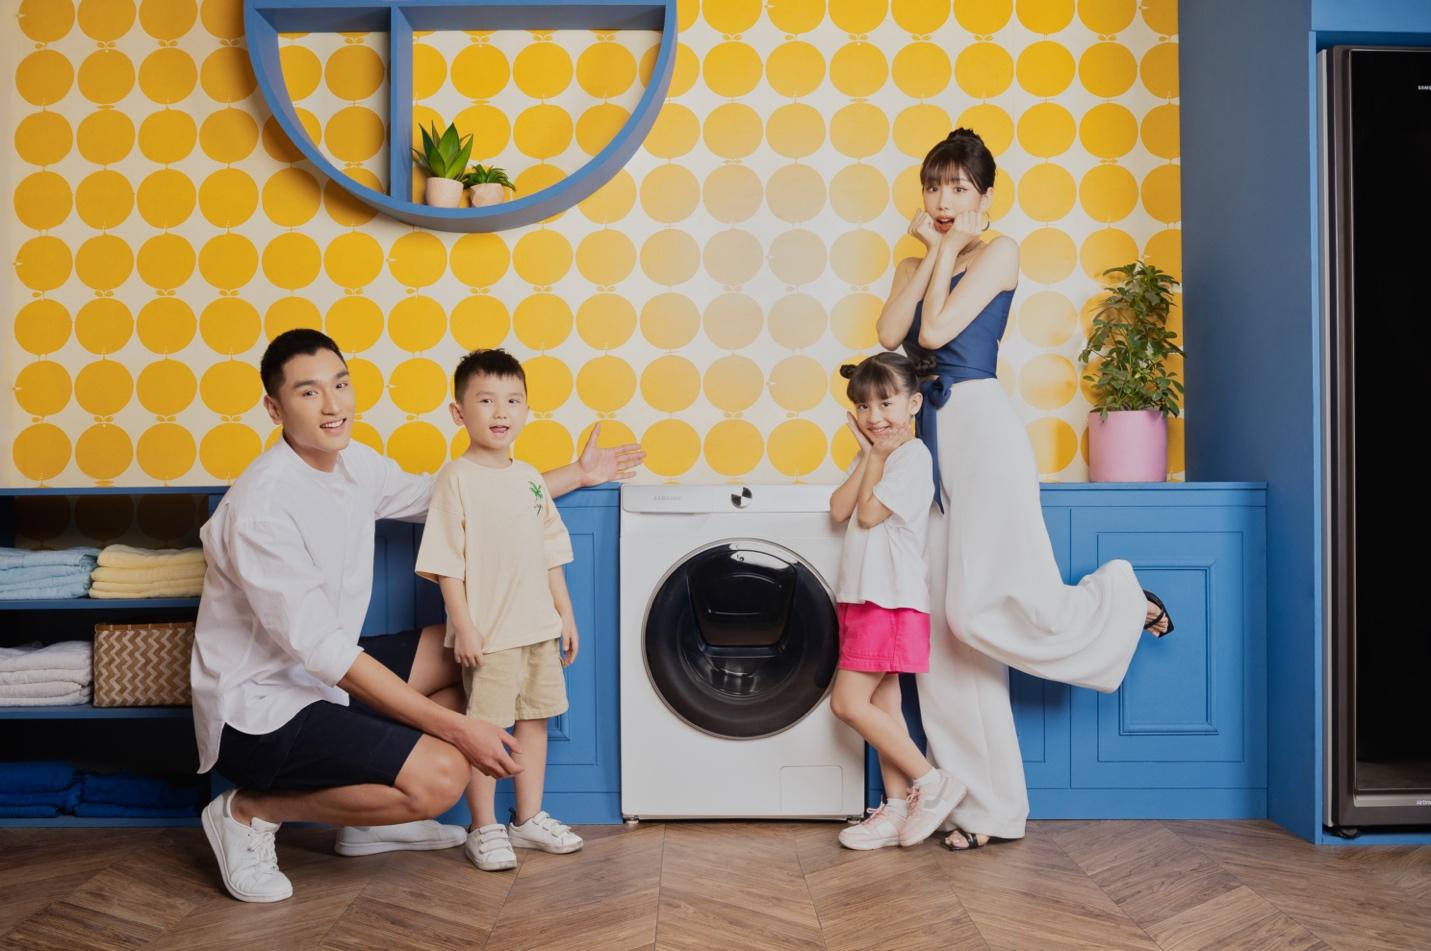 Nữ ca sĩ gợi ý giải pháp thông minh, tiết kiệm thời gian và công sức cho người phụ nữ hiện đại bằng máy giặt Samsung AI.